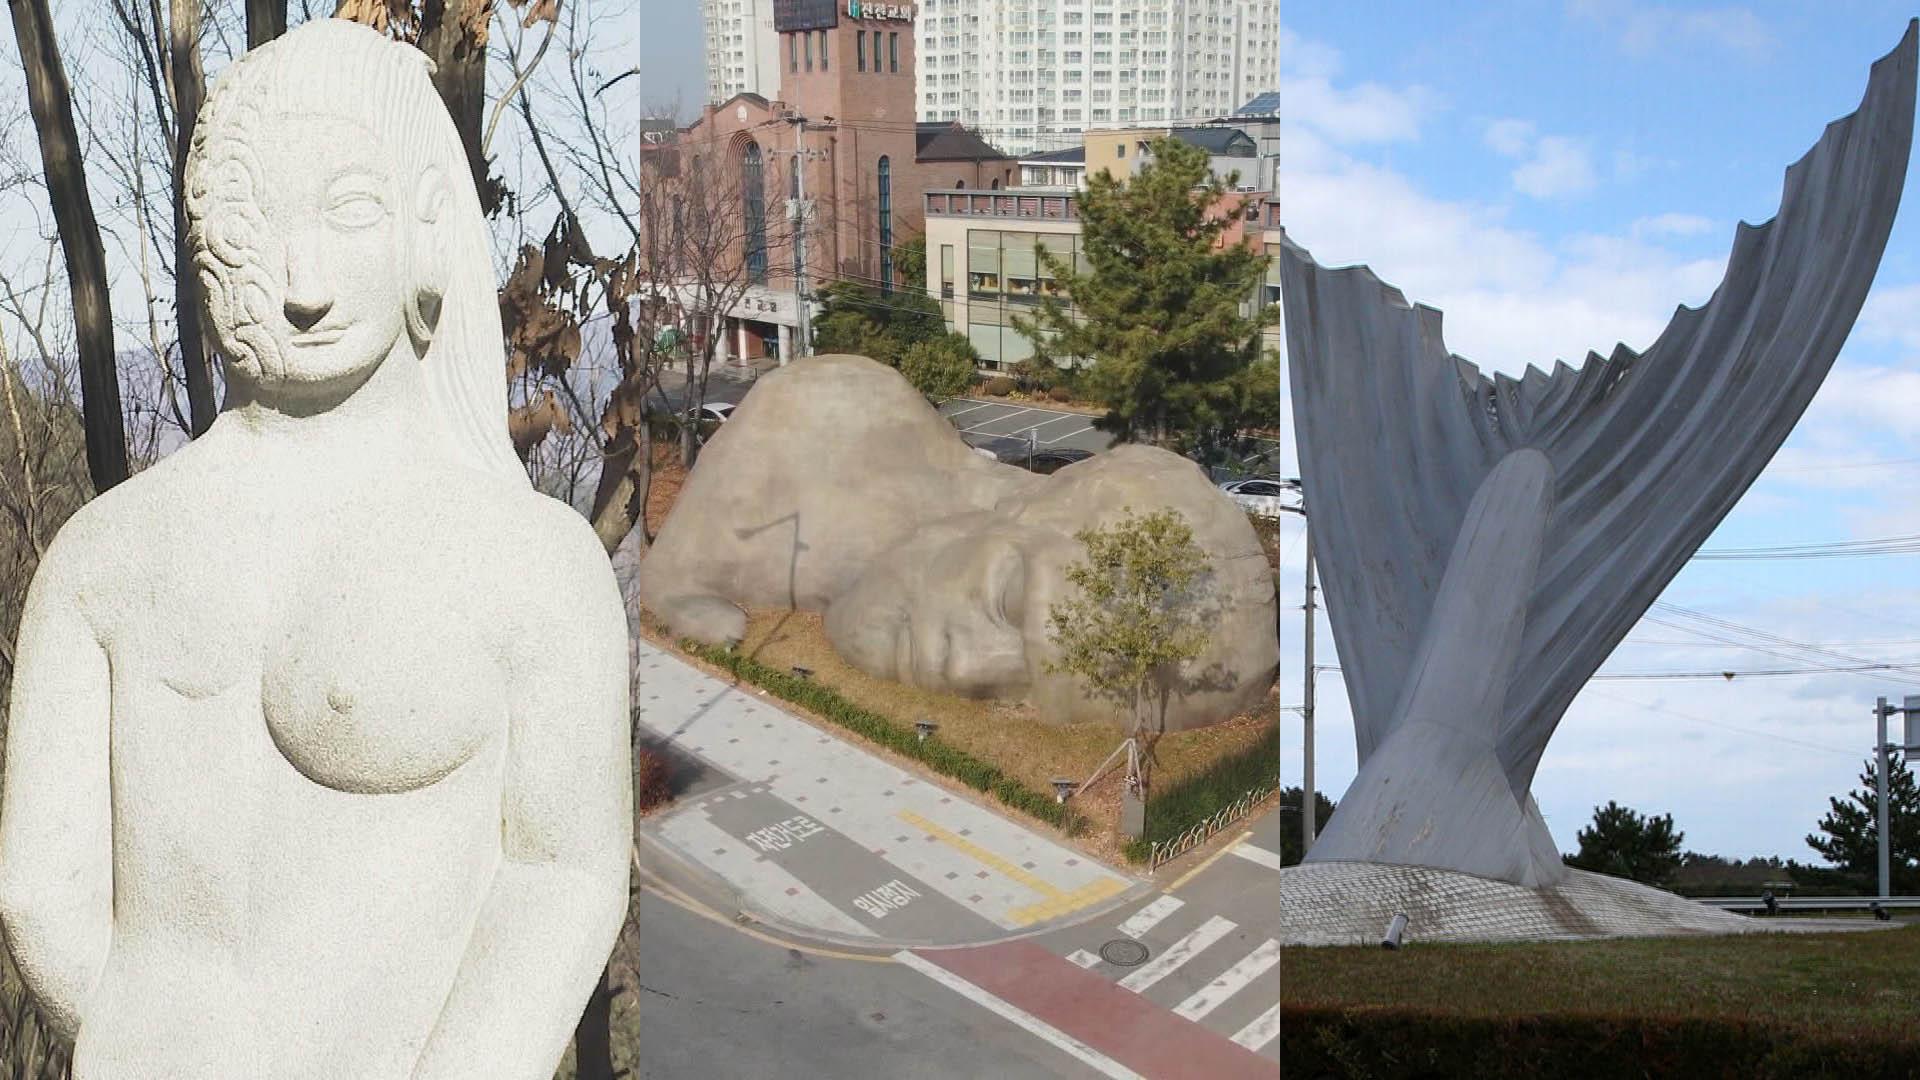 변강쇠·옹녀공원부터 태권브이까지…논란의 공공조형물